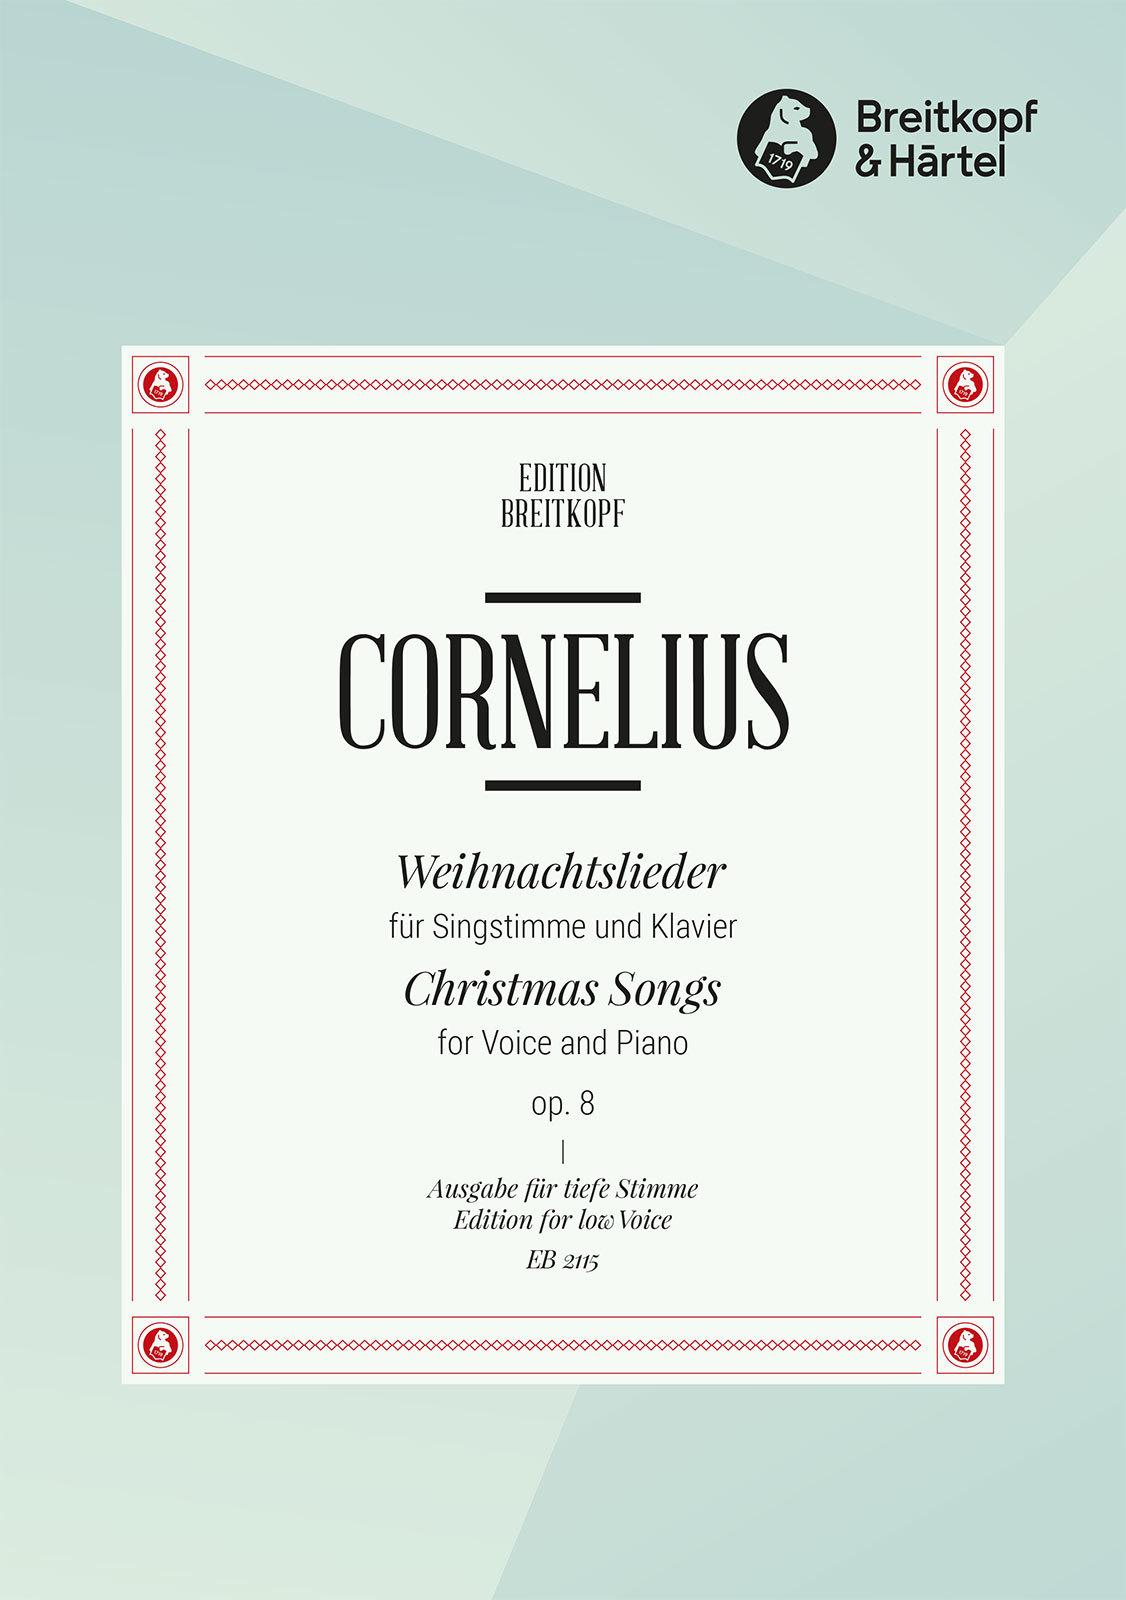 Cornelius: Weihnachtslieder op. 8 für Singstimme und Klavier ...